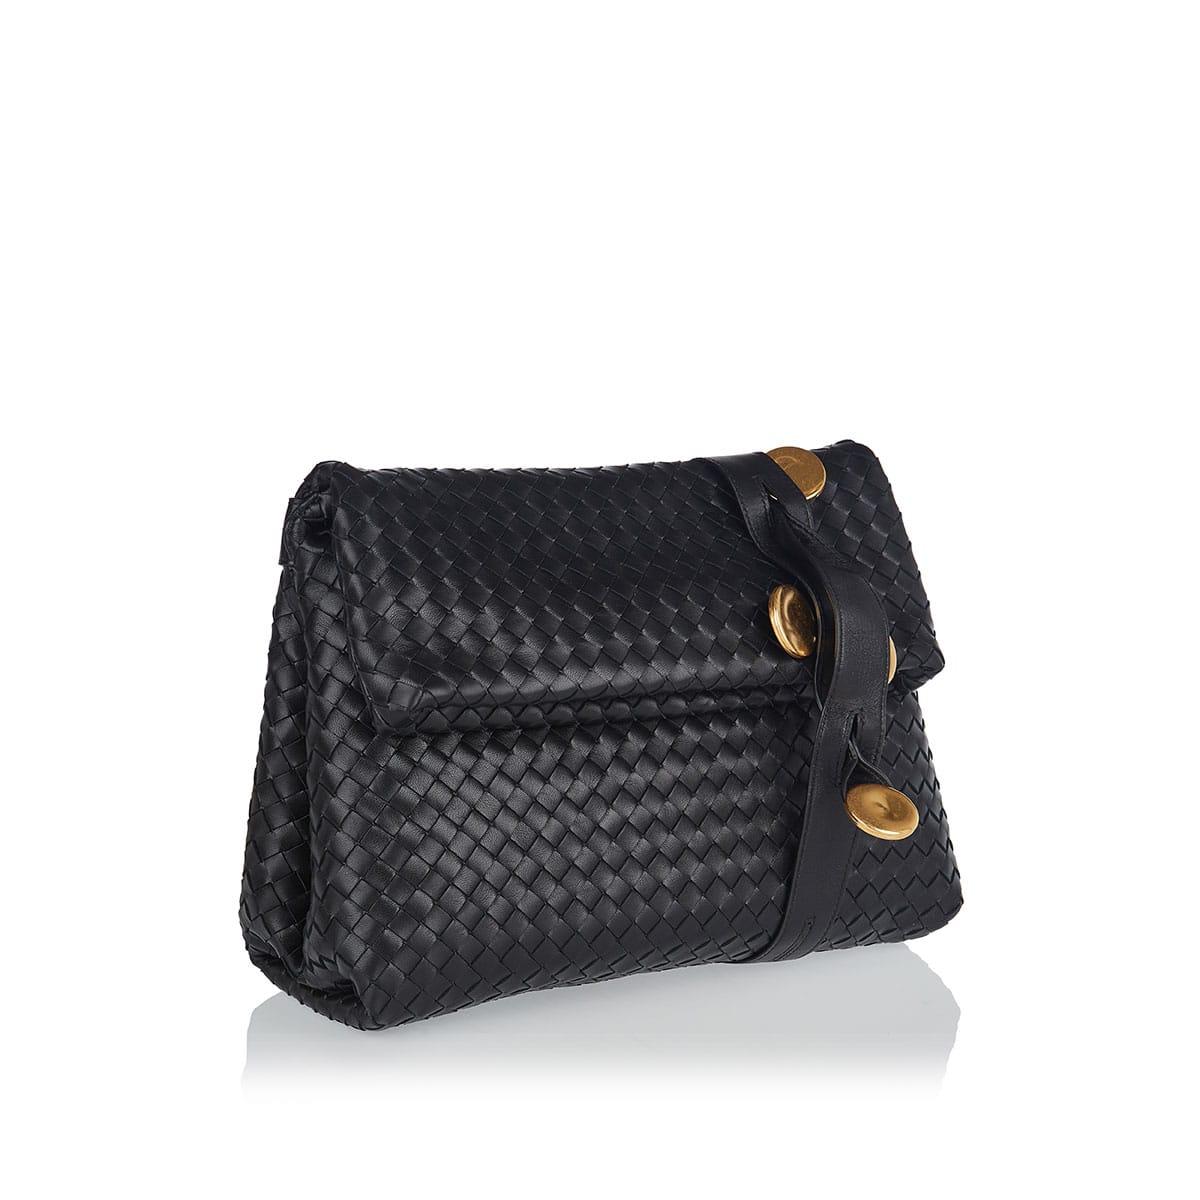 BV Fold embellished Intrecciato bag